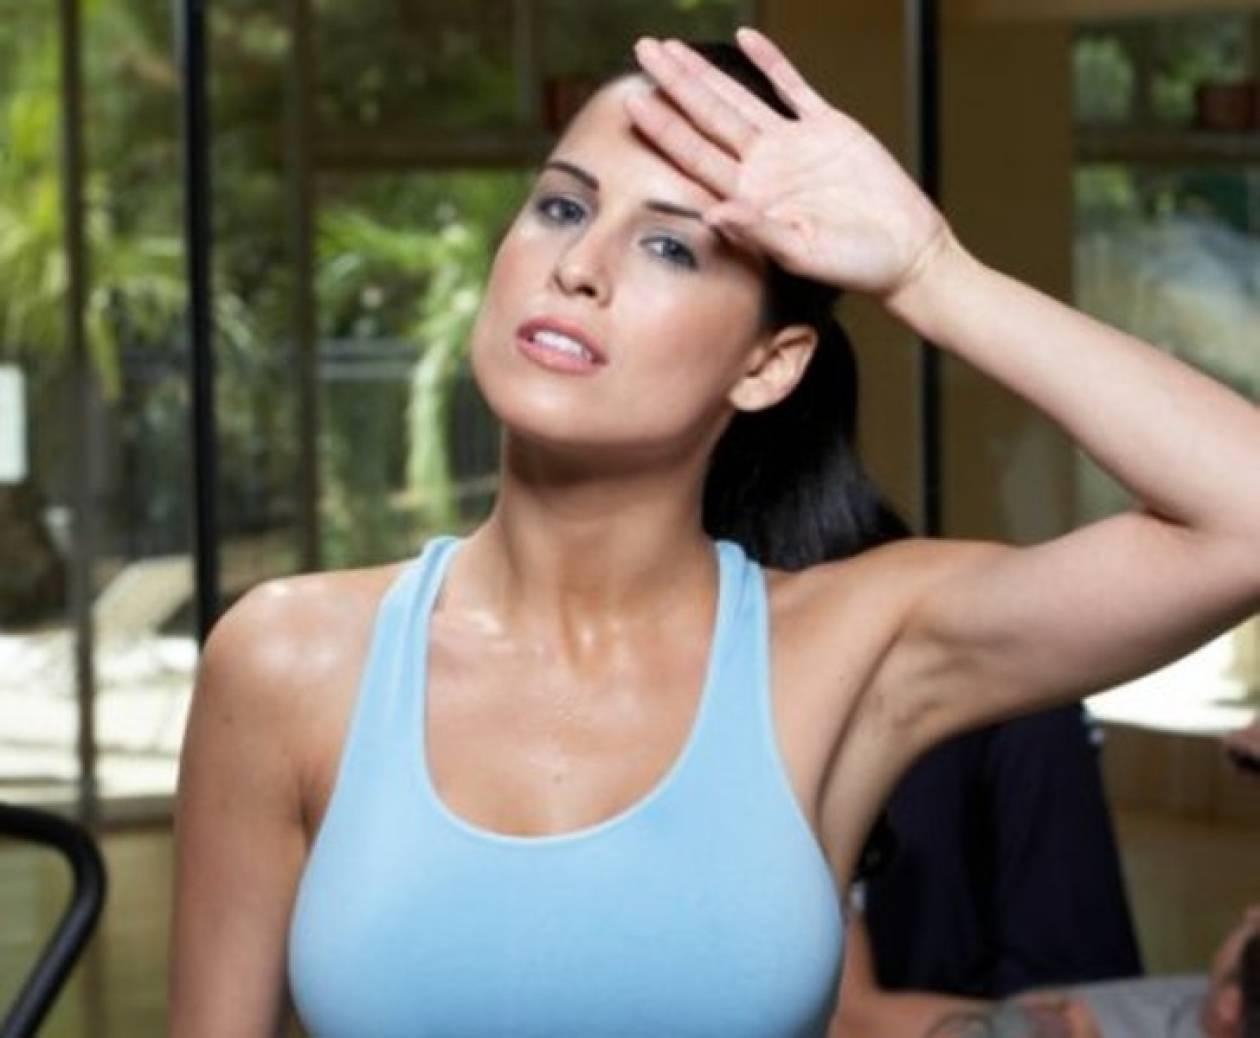 Μειώστε τη γυμναστική για να κάψετε θερμίδες